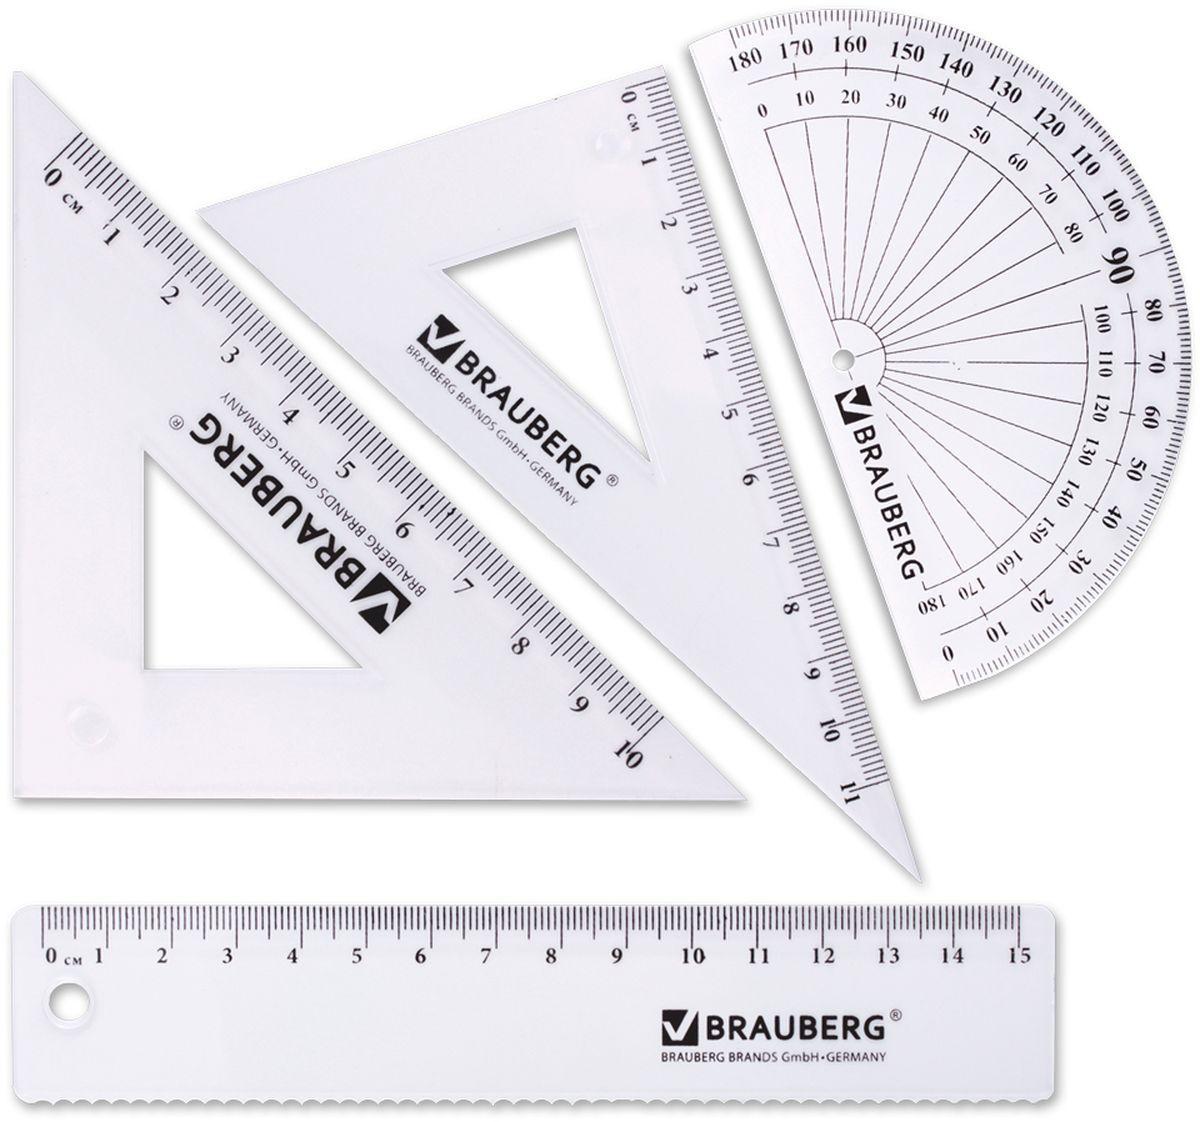 Brauberg Набор чертежный 4 предмета 210306210306Набор геометрический из прозрачного, прочного пластика толщиной 1,4 - 2 мм. Предназначен для чертёжных работ.Набор включает в себя четыре предмета: линейка со шкалой 15 см, треугольник с углами 30°/60° и шкалой 11 см, треугольник с углами 45°/45° и шкалой 10 см, транспортир 180°.